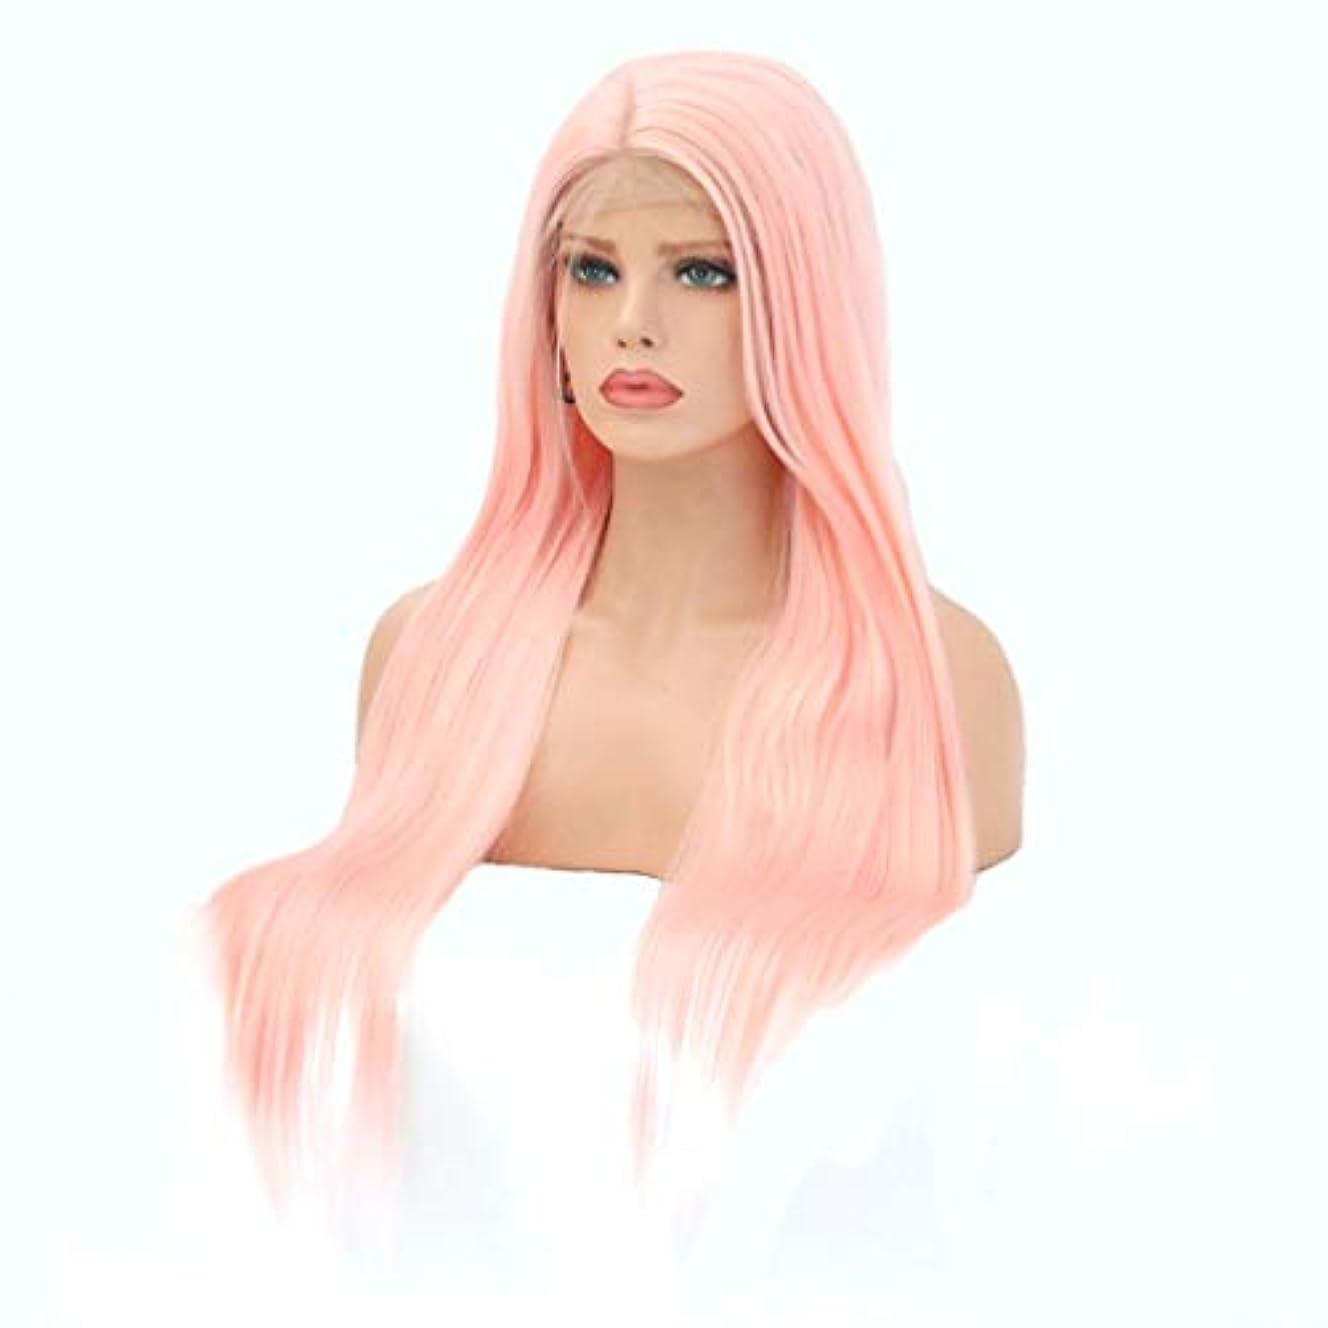 最大の別の番目Summerys 女性のためのフロントレースウィッグピンクの長いストレートの髪の化学繊維ウィッグヘッドギア